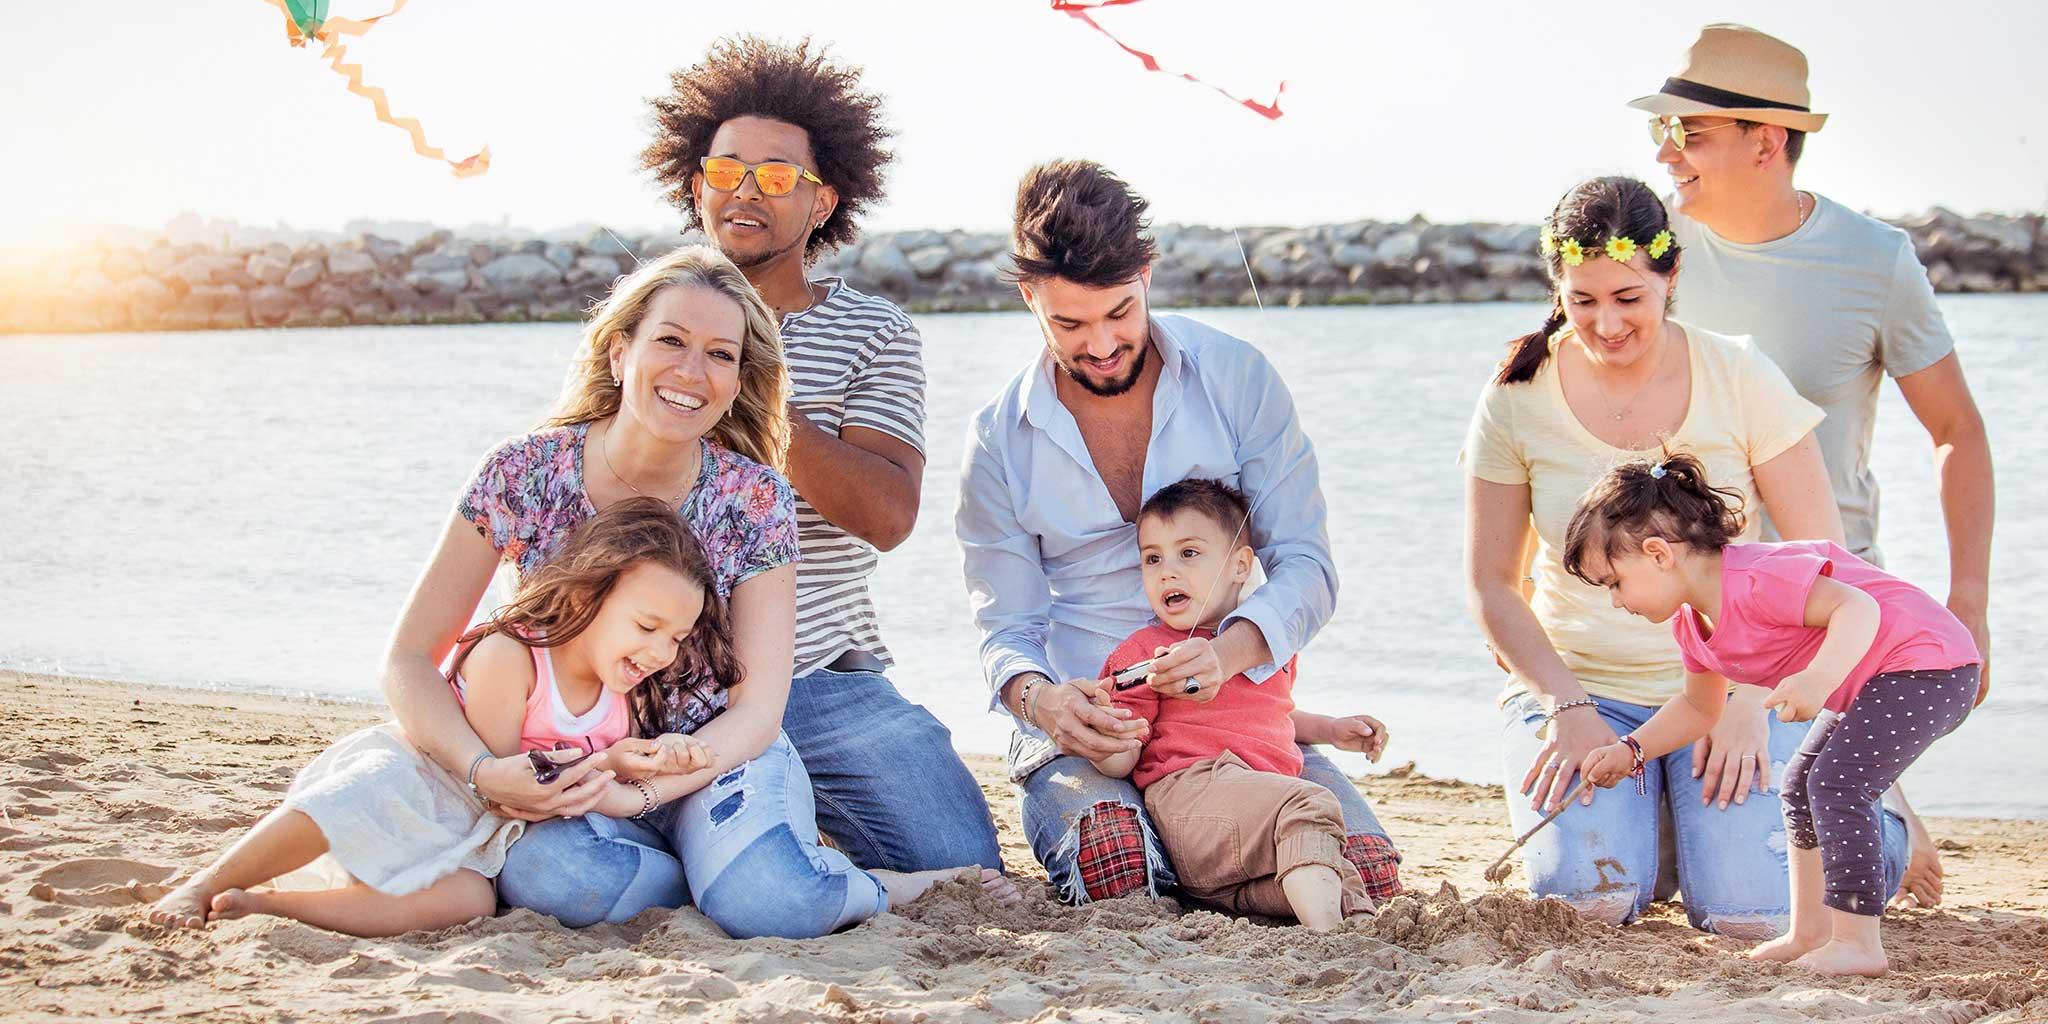 Verschillende gezinnen op het strand met hun kinderen